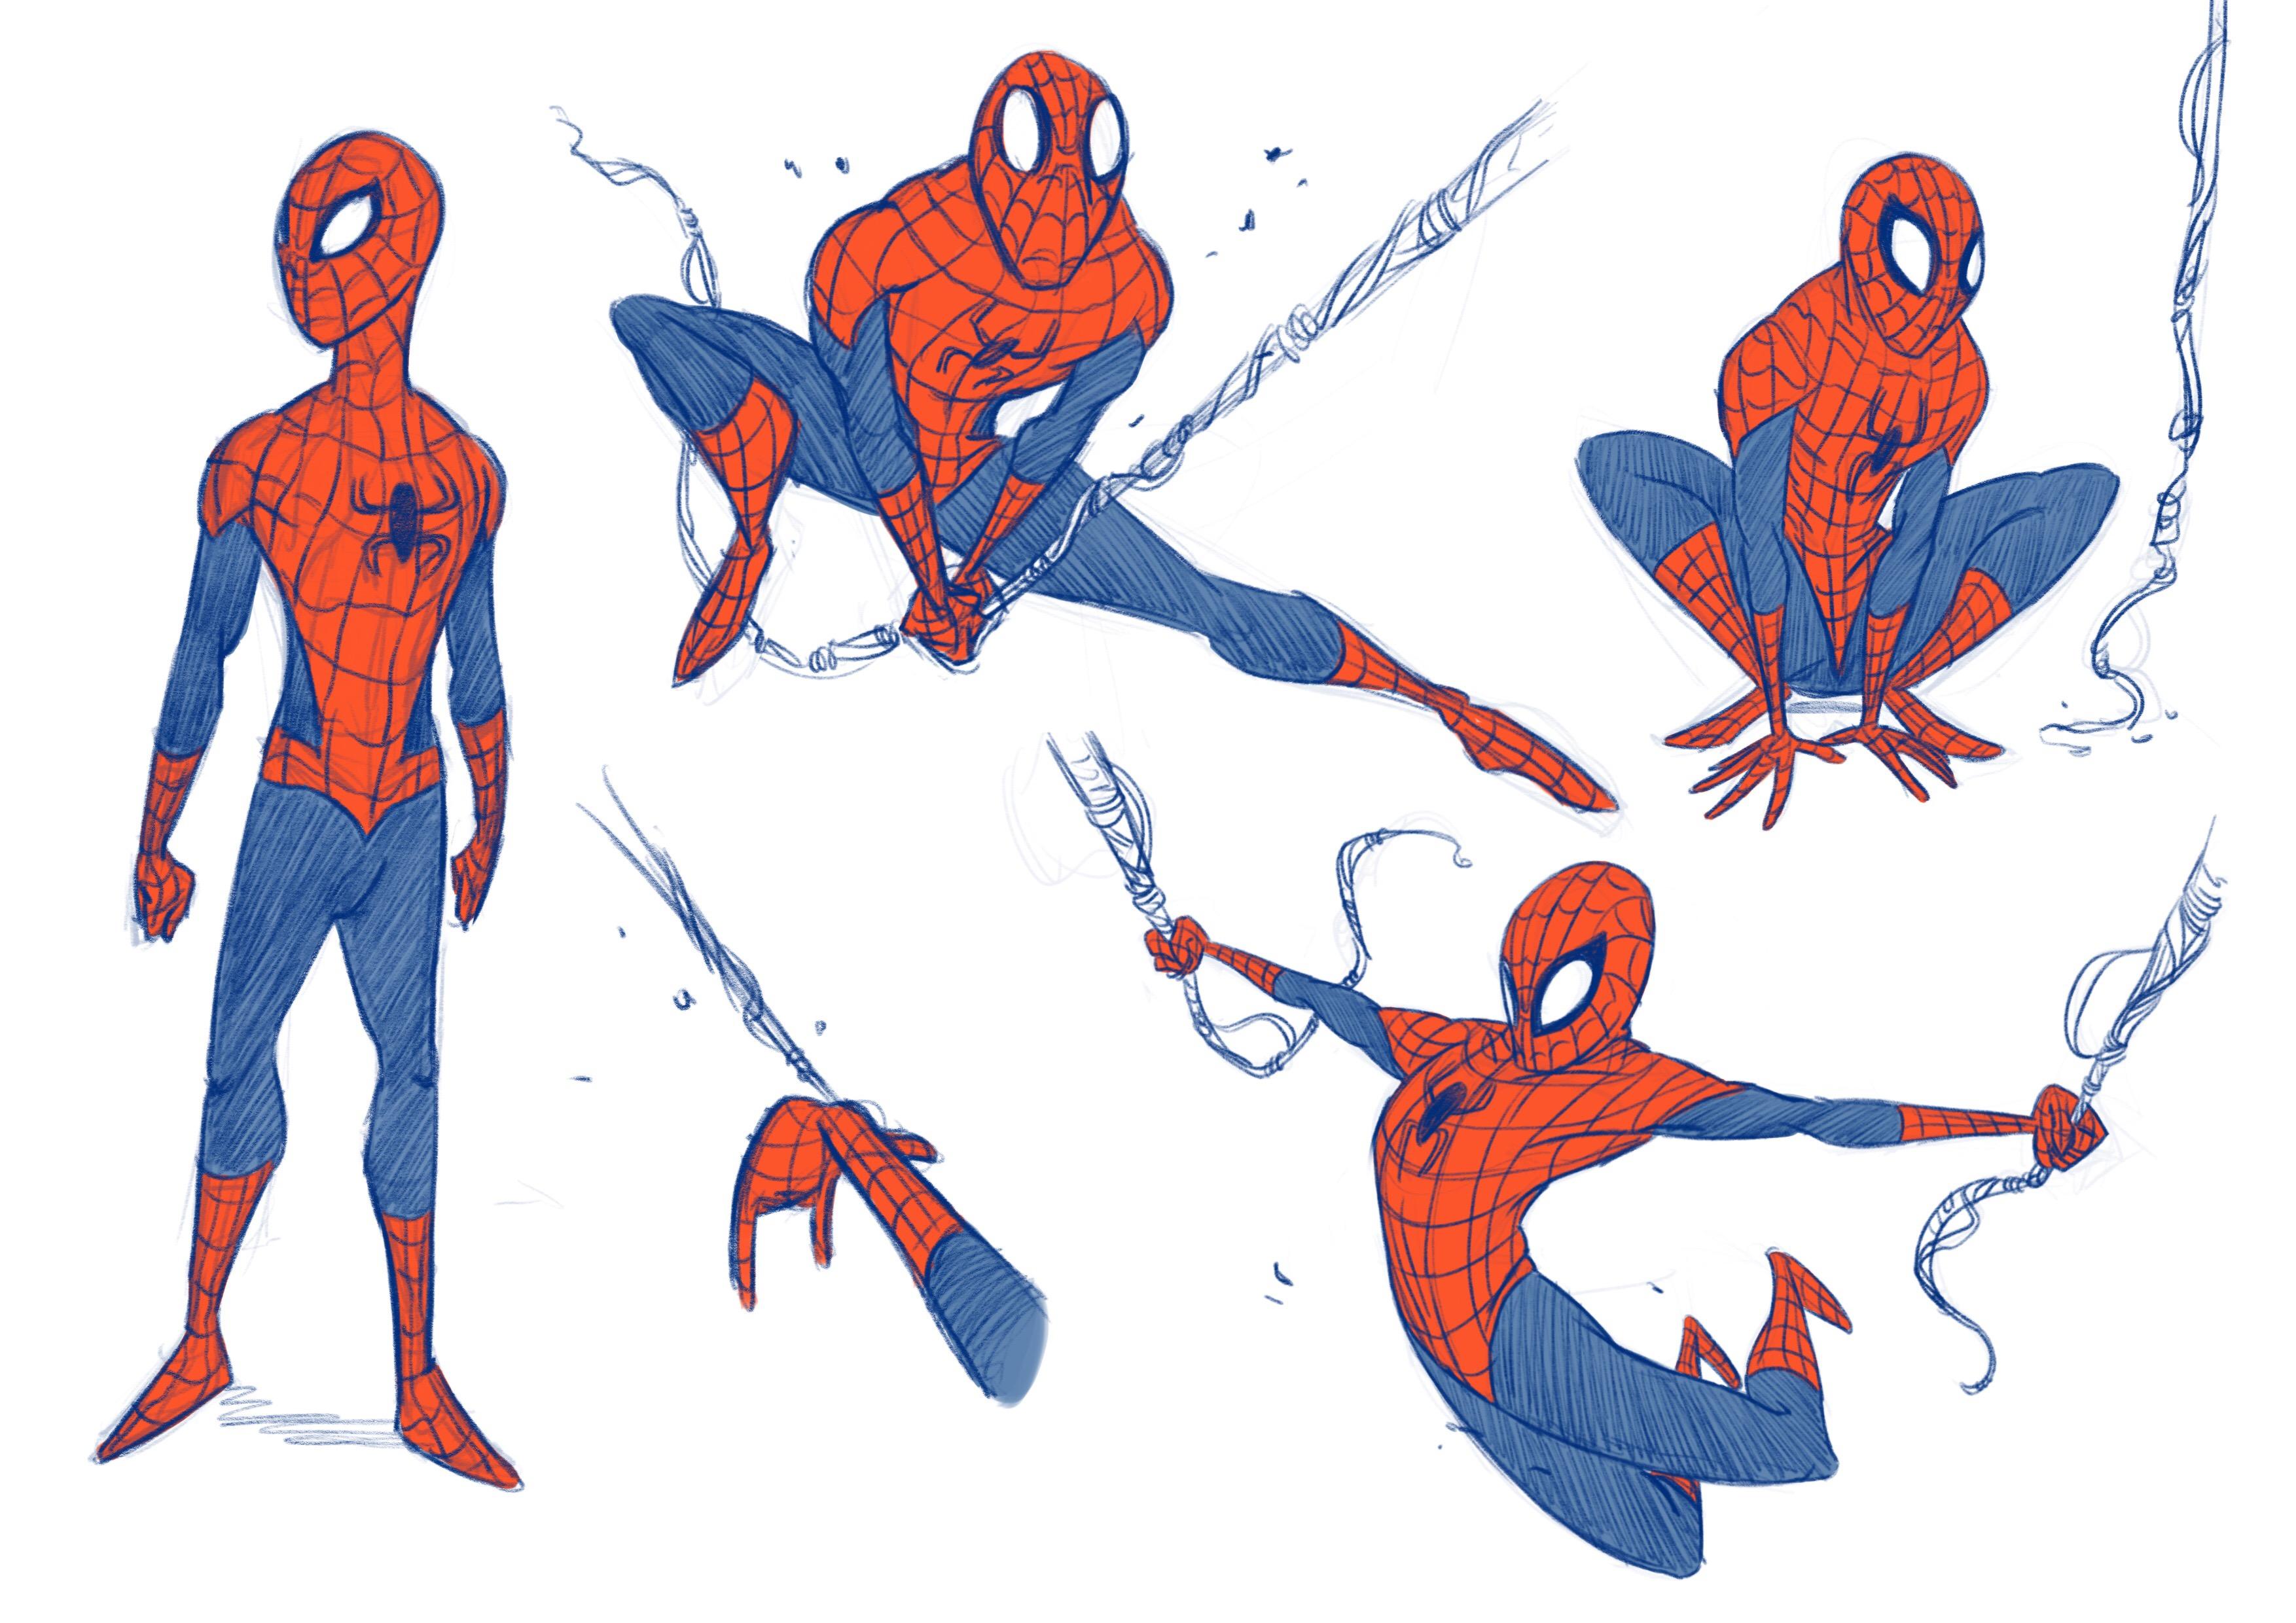 Spider-man Sketches